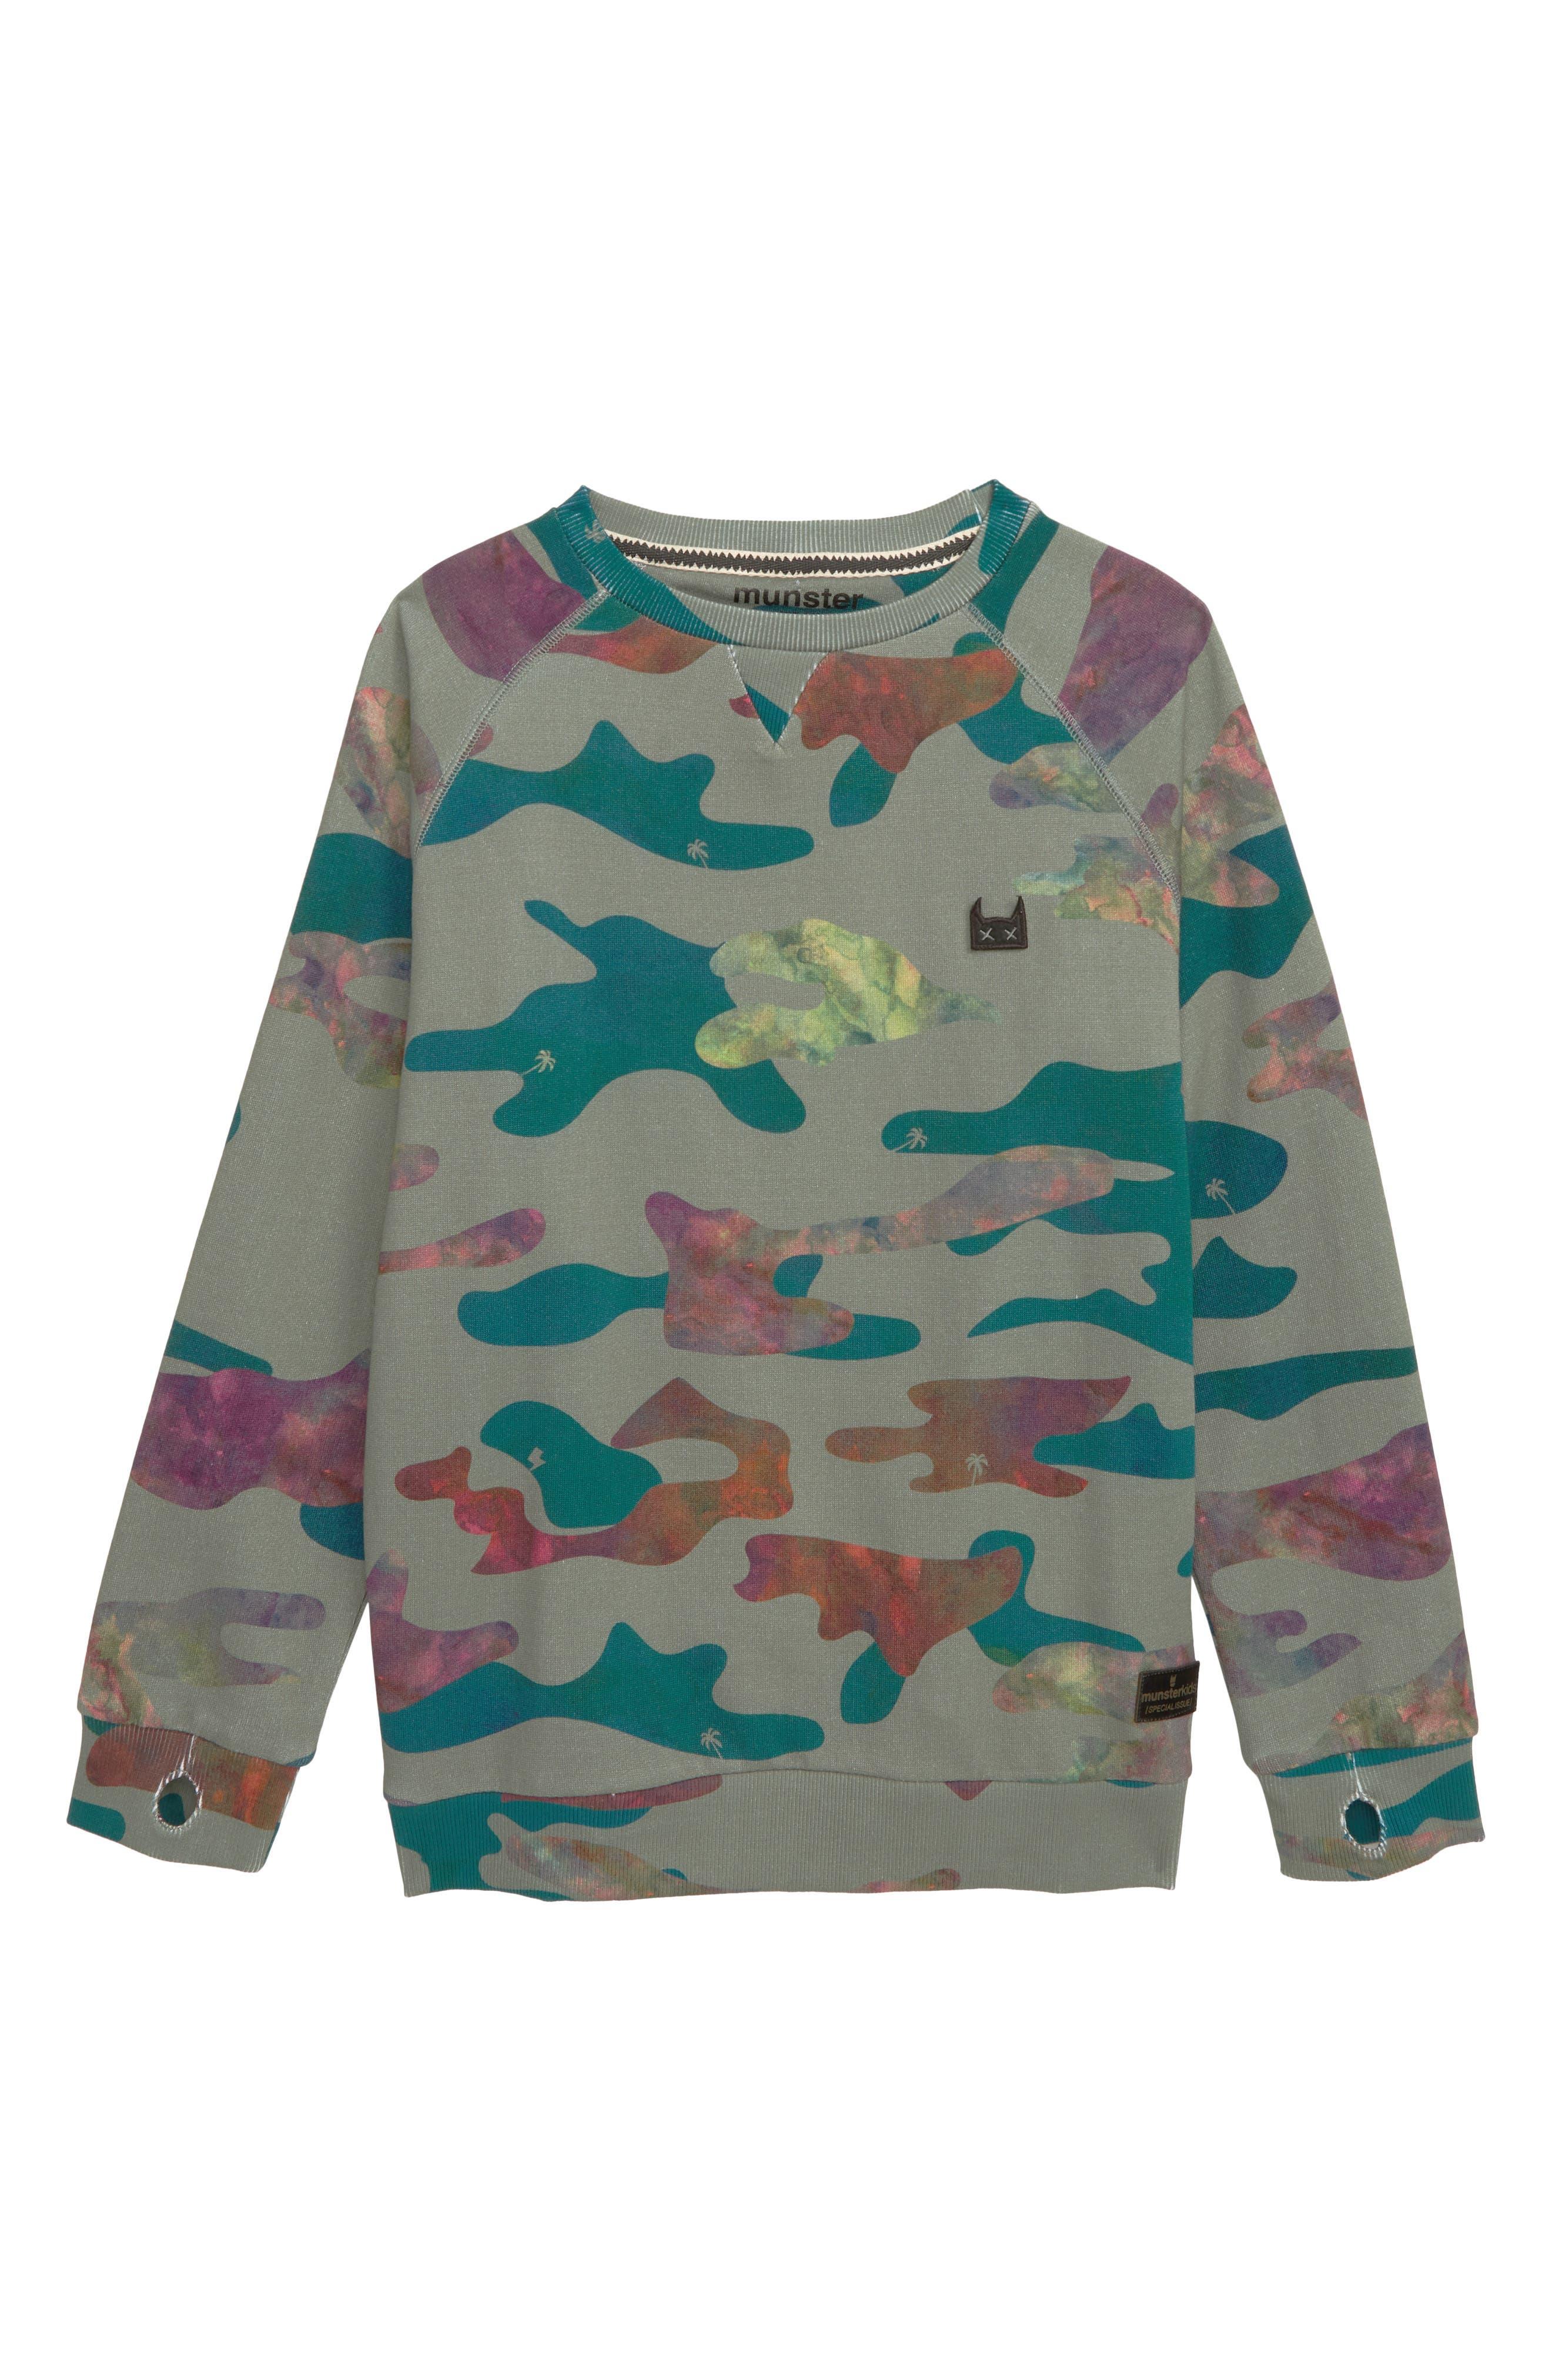 MUNSTERKIDS Liquid Camo Sweatshirt, Main, color, CAMO